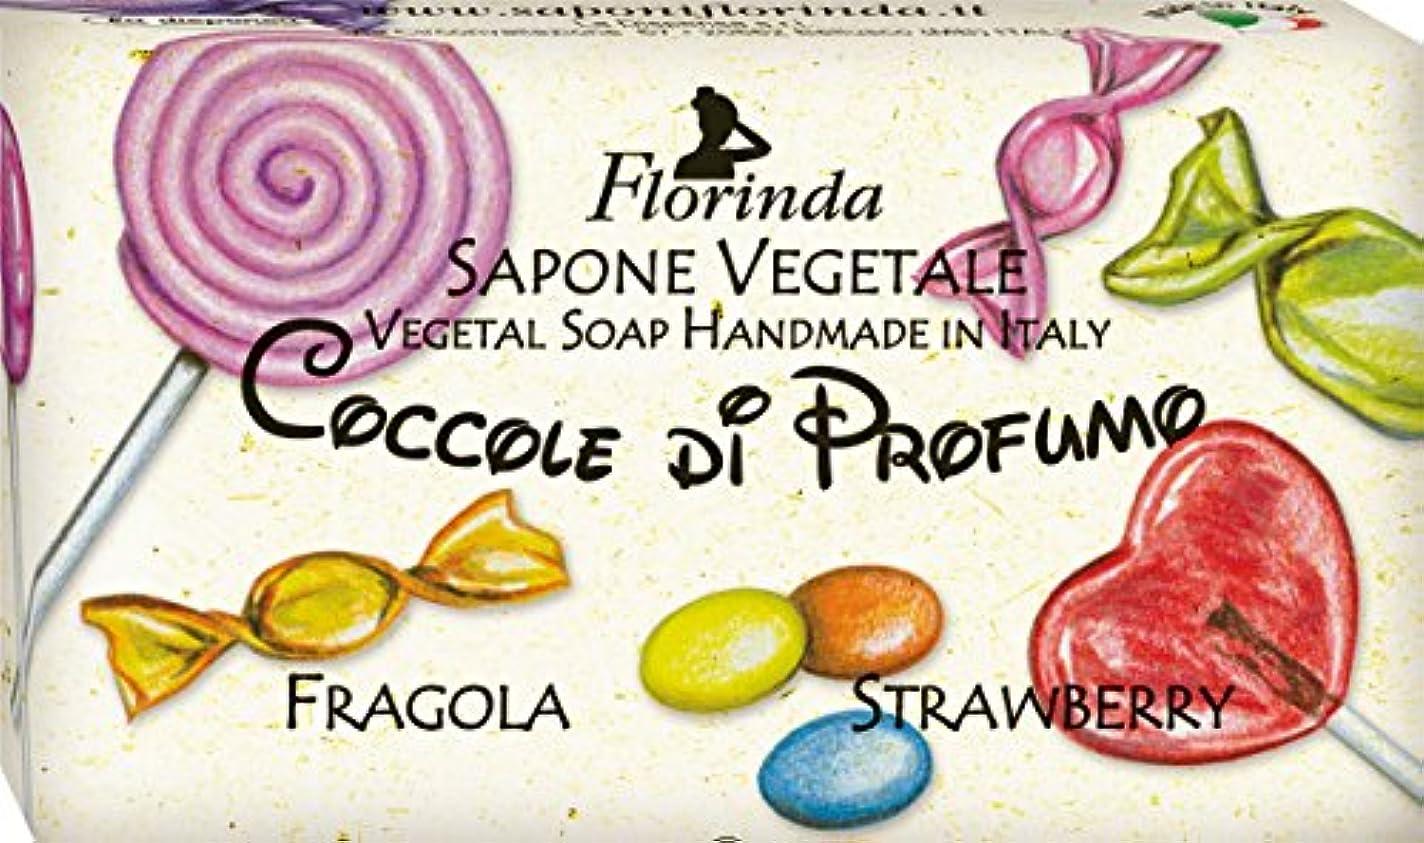 ひまわり剃る安息フロリンダ フレグランスソープ おもちゃシリーズ ストロベリー